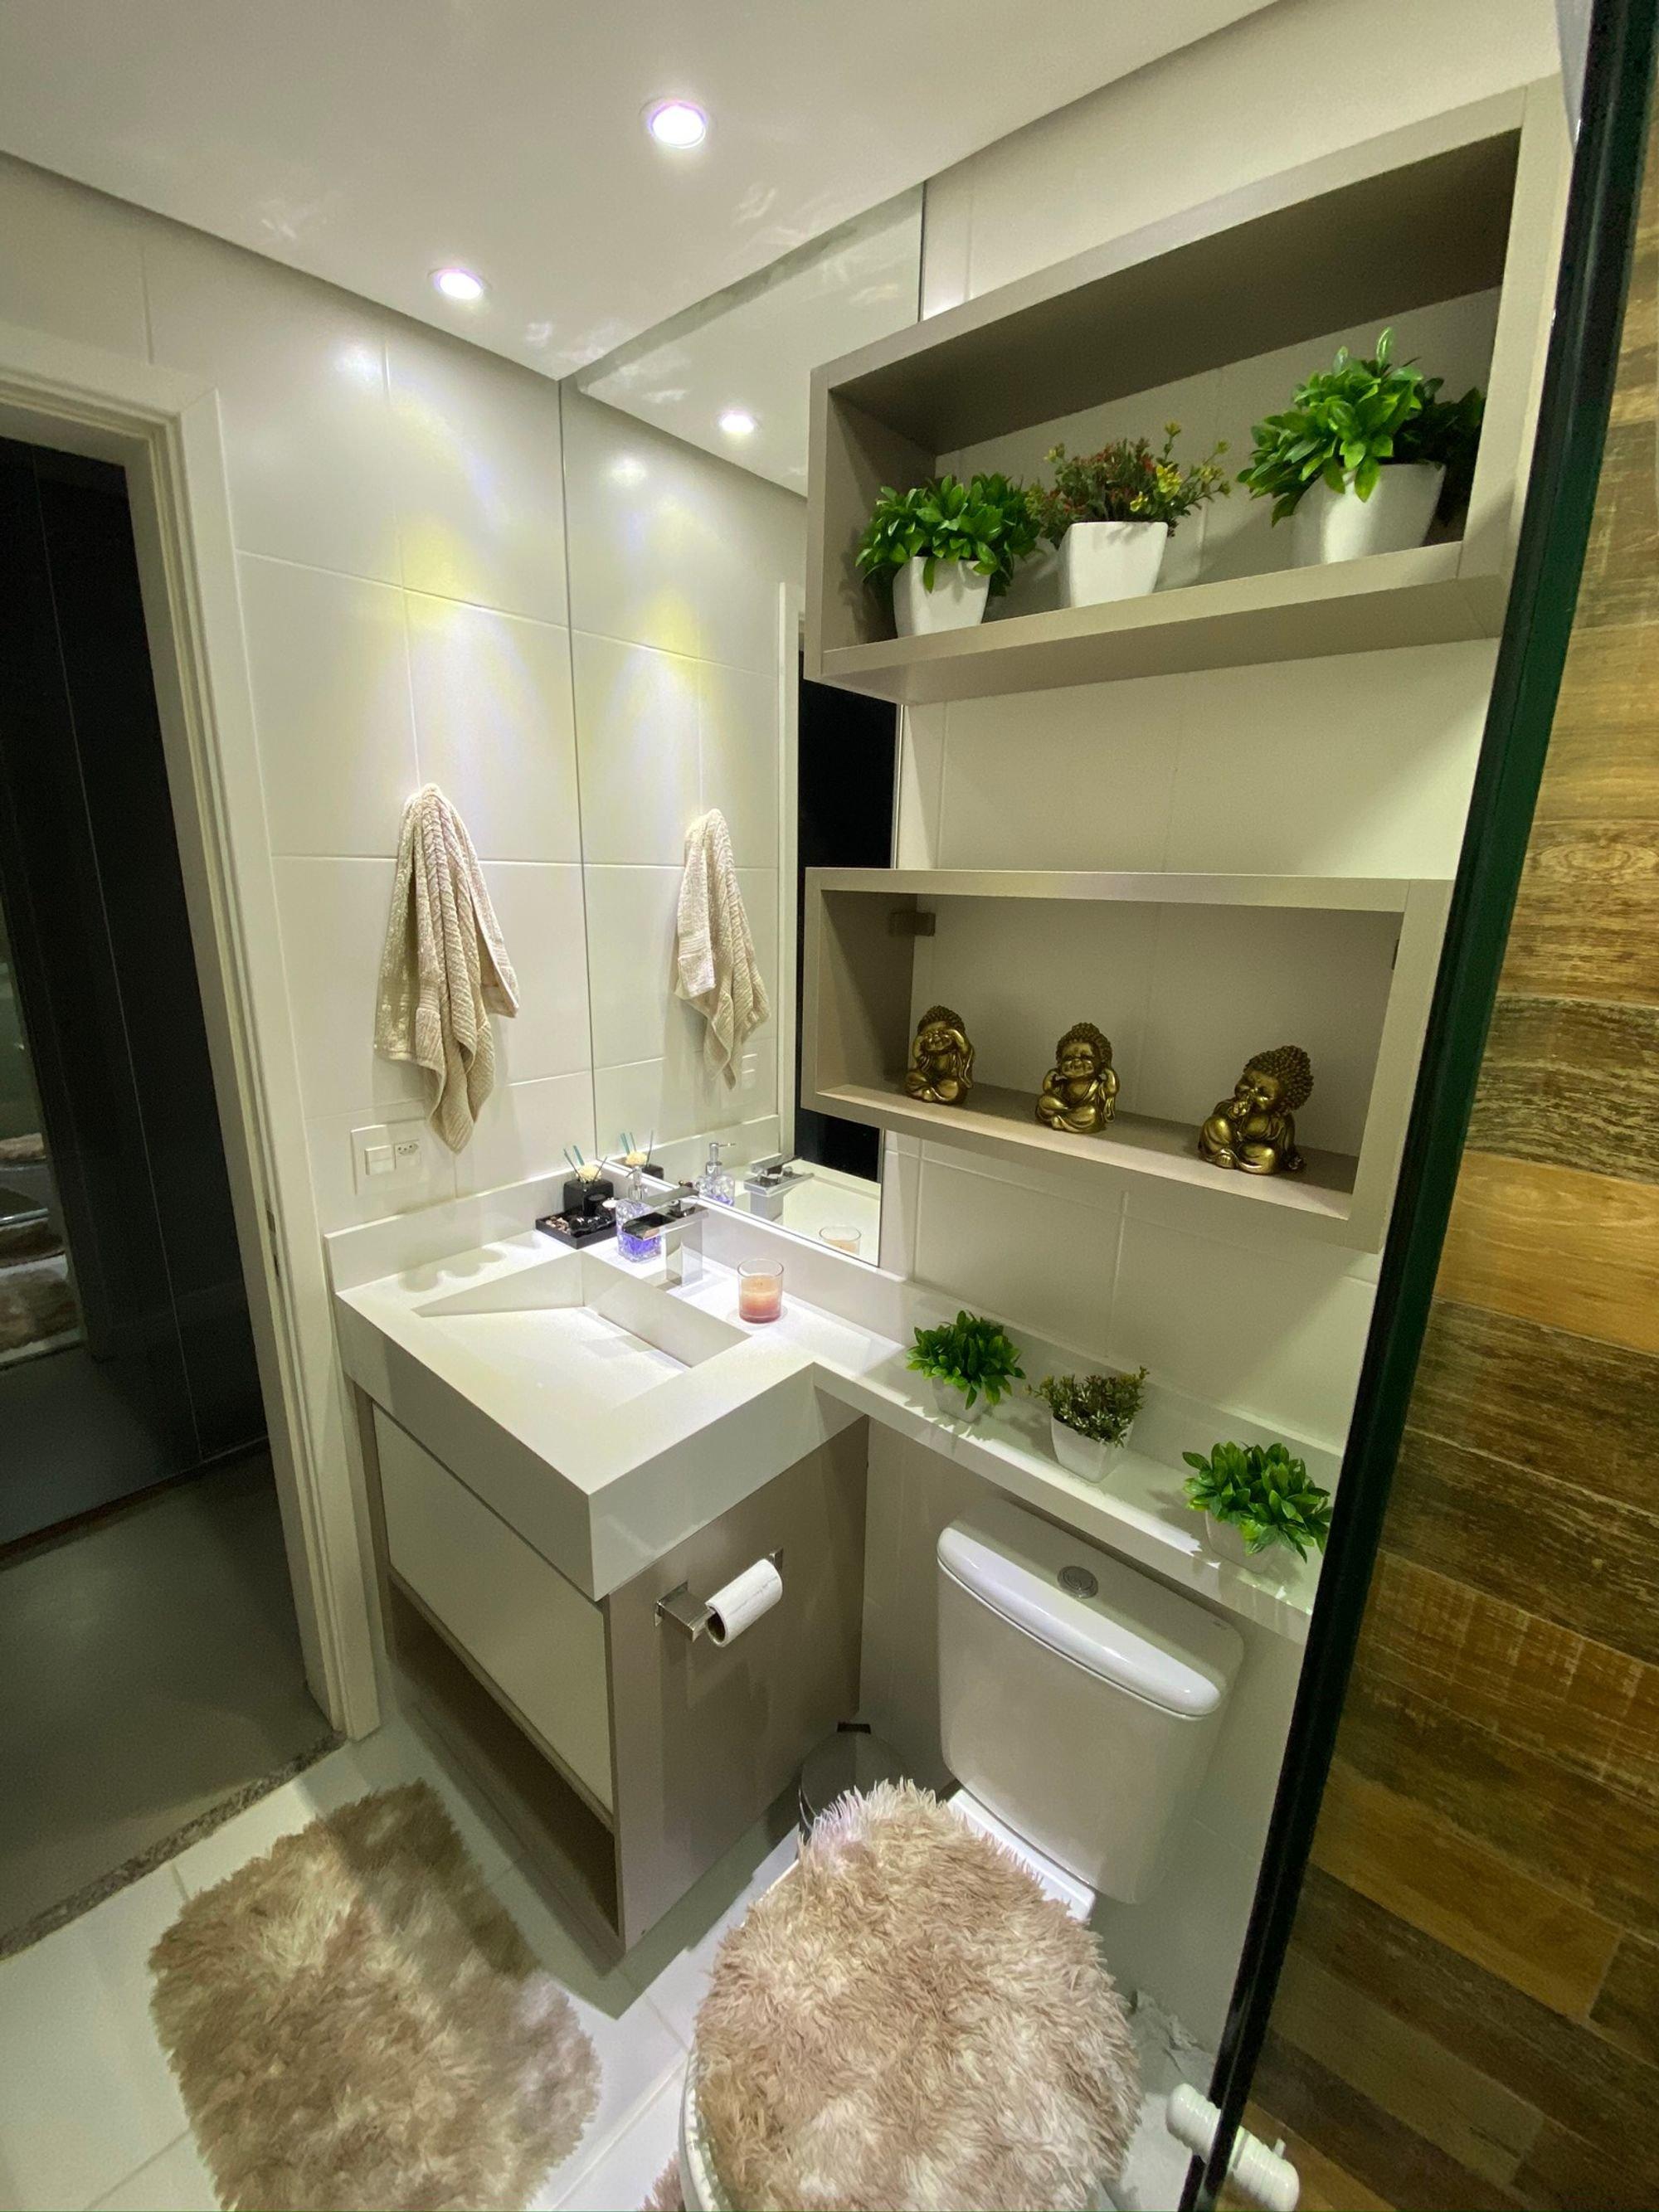 Foto de Banheiro com vaso de planta, vaso sanitário, pia